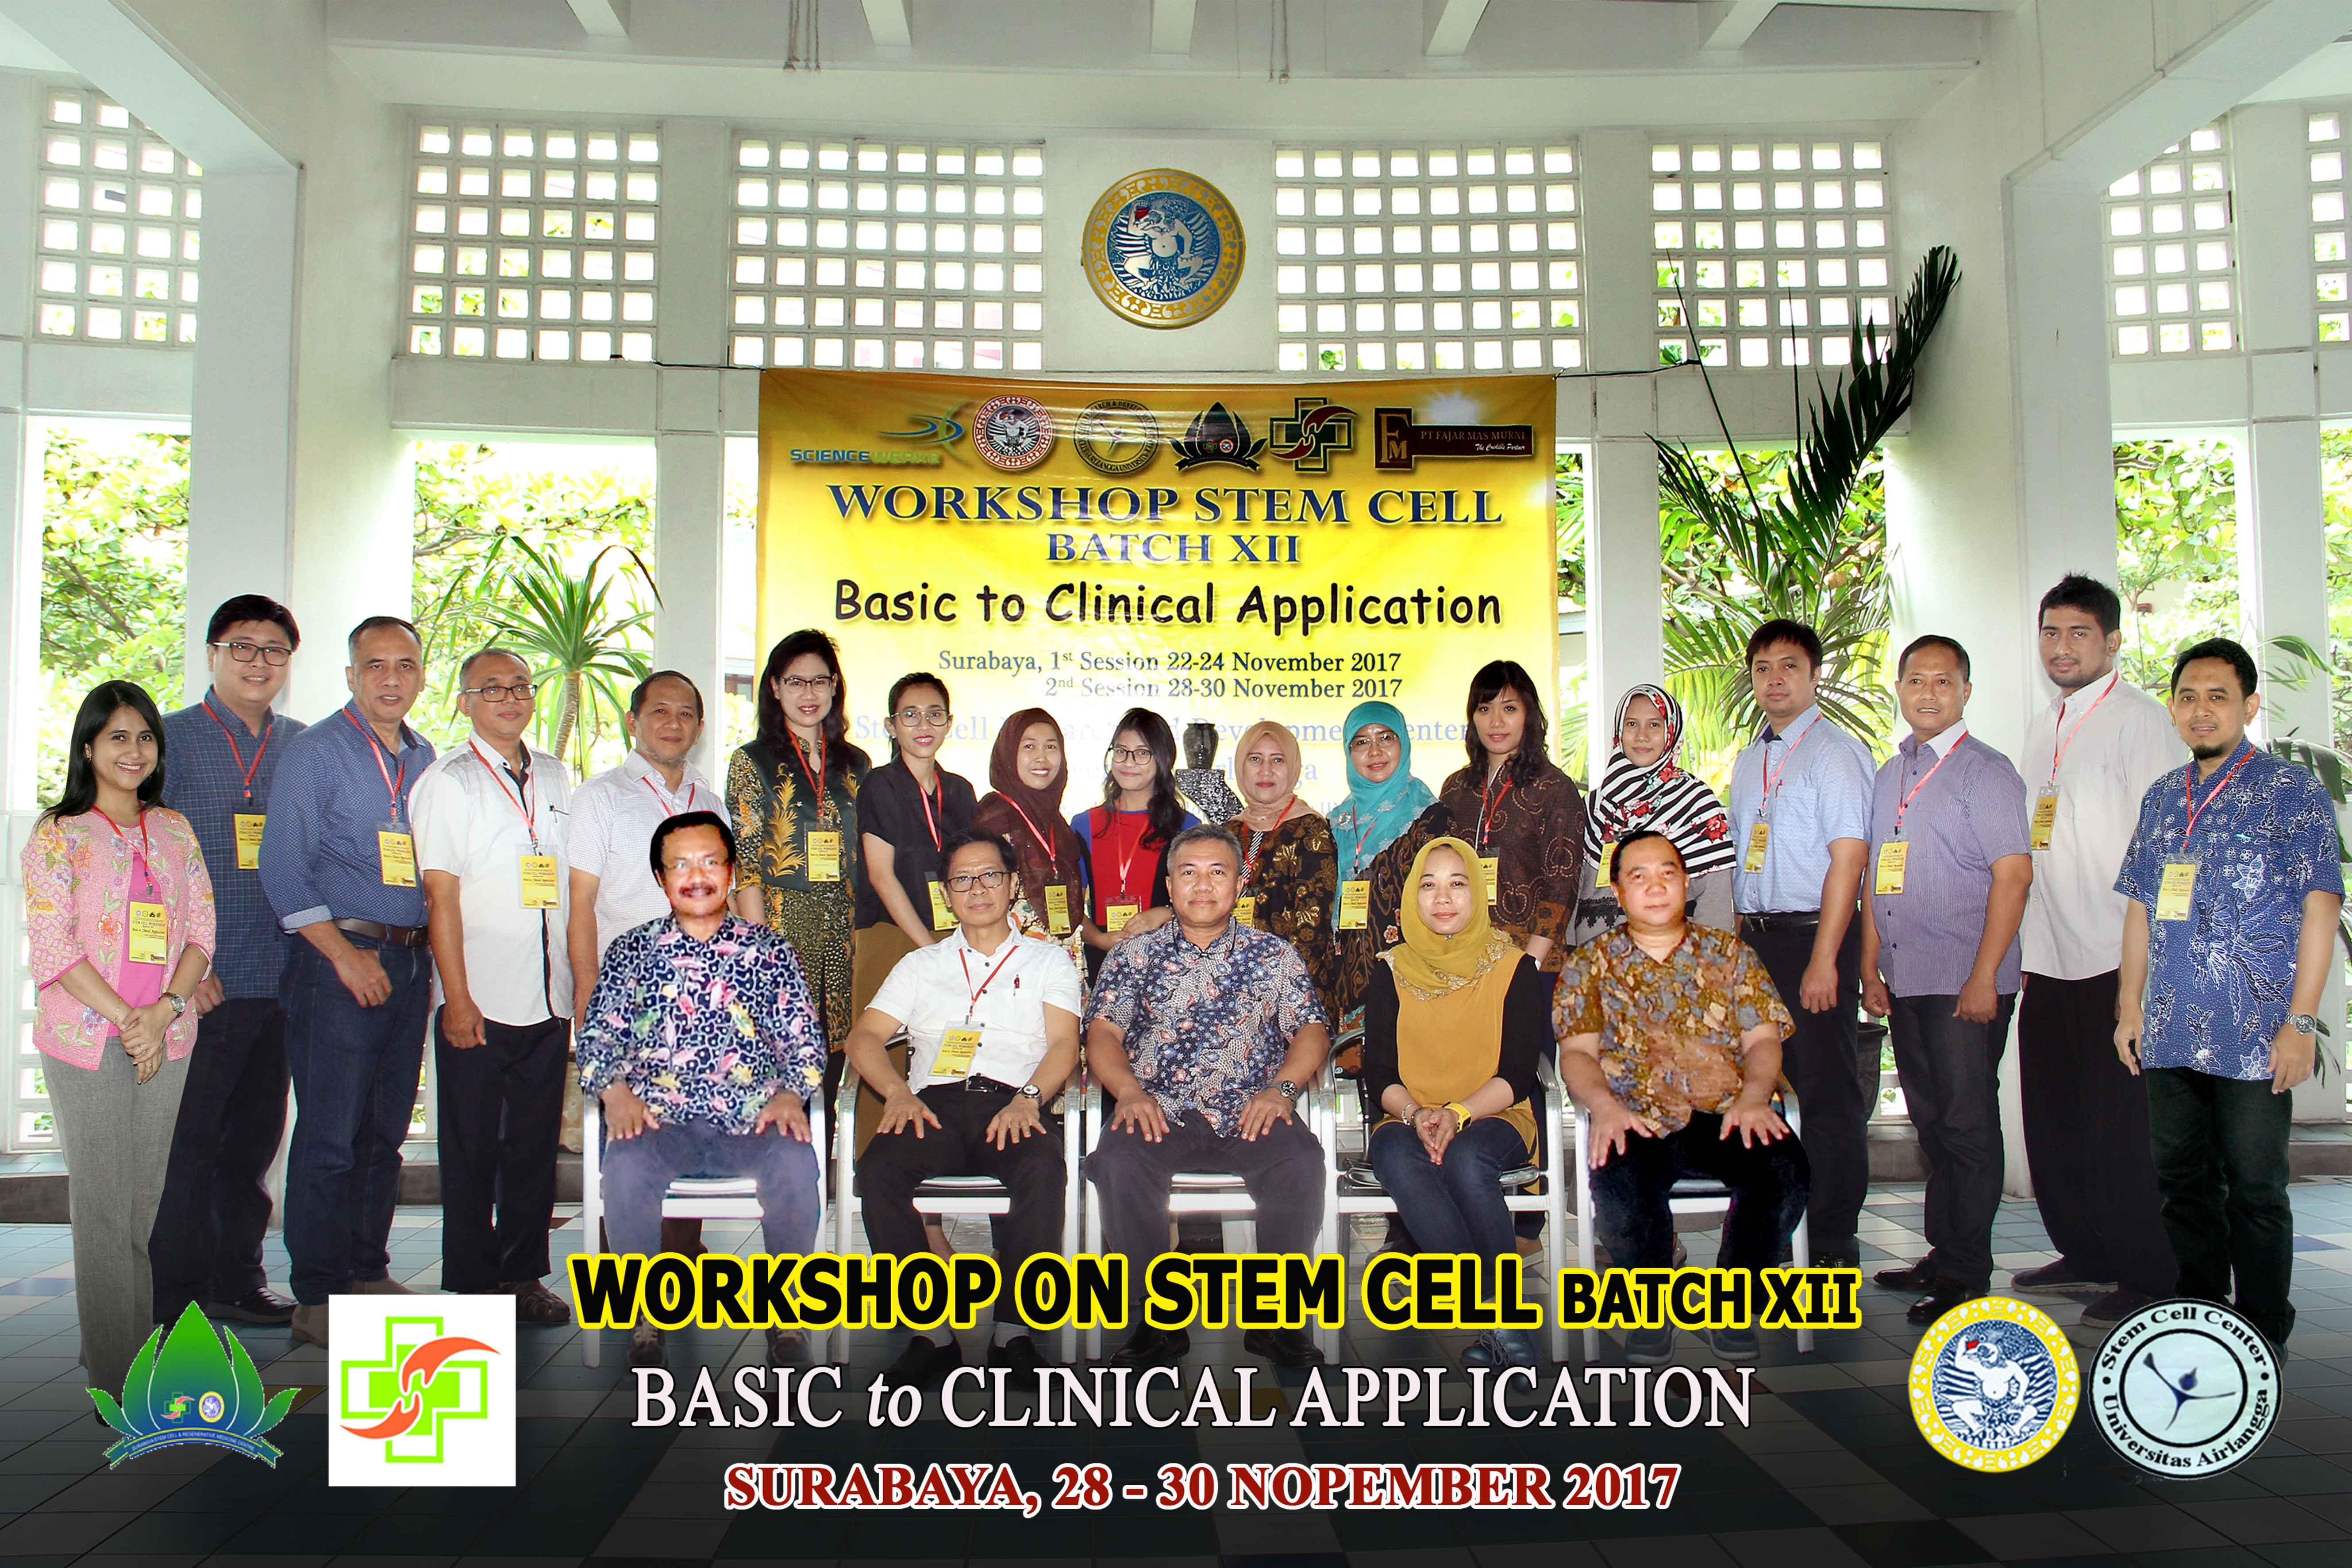 Stem Cell Research and Development Center Universitas Airlangga menggelar workshop Stem Cell Batch XII bertema Basic to Clinical Application dengan memberikan gambaran dan aplikasi riil secara in vitro serta bersifat Hands On.